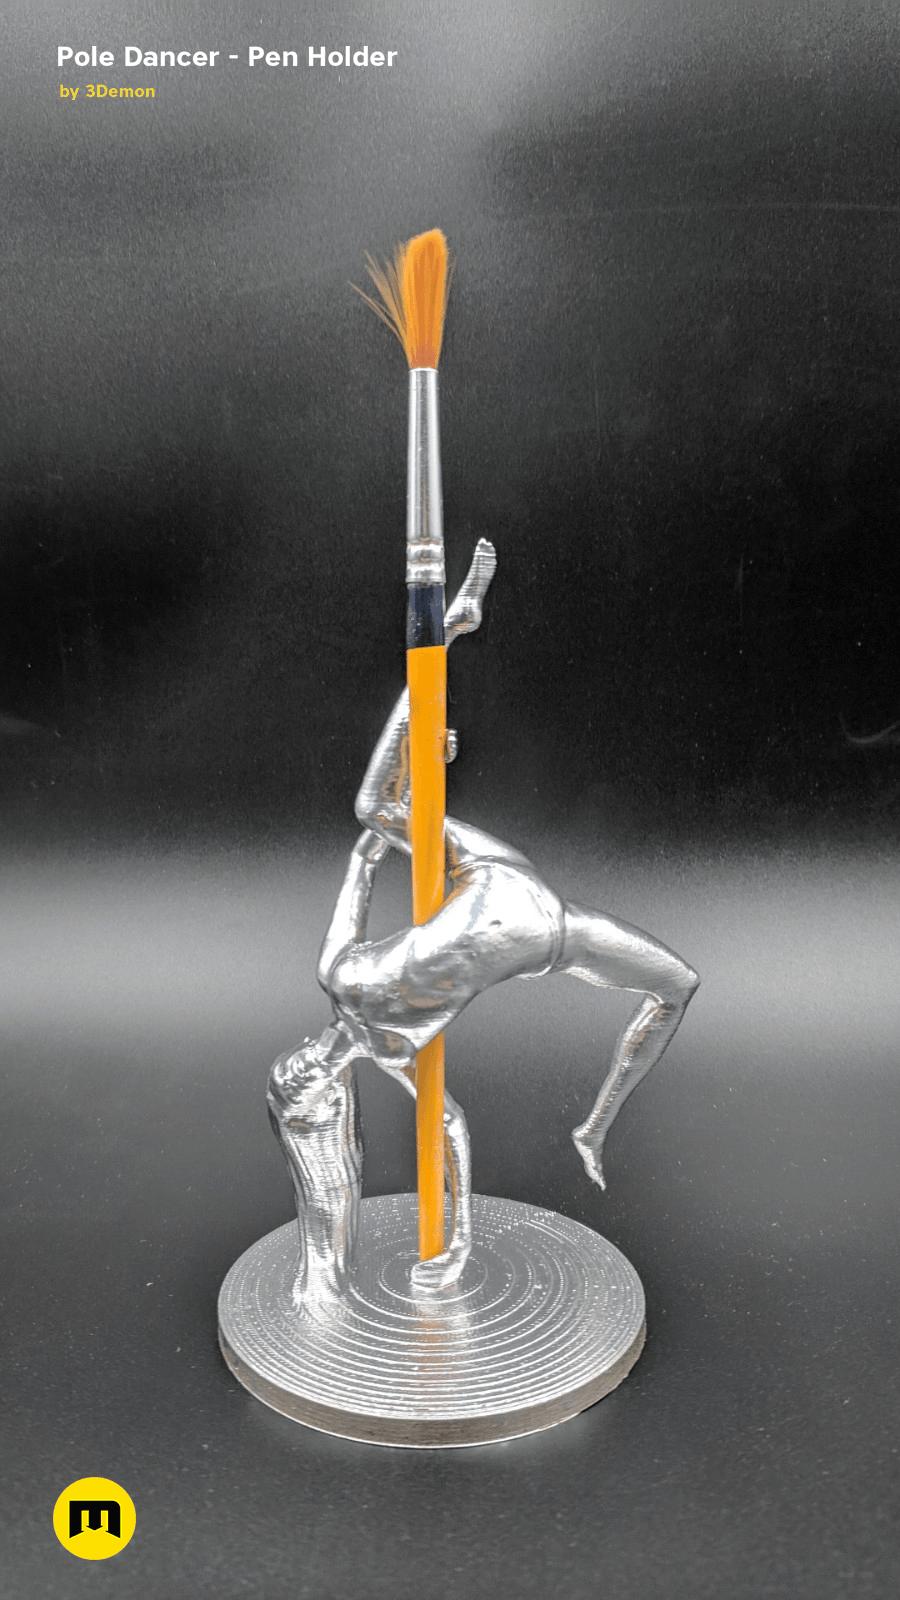 IMG_20190220_103256.png Download STL file Pole Dancer - Pen Holder • Object to 3D print, 3D-mon